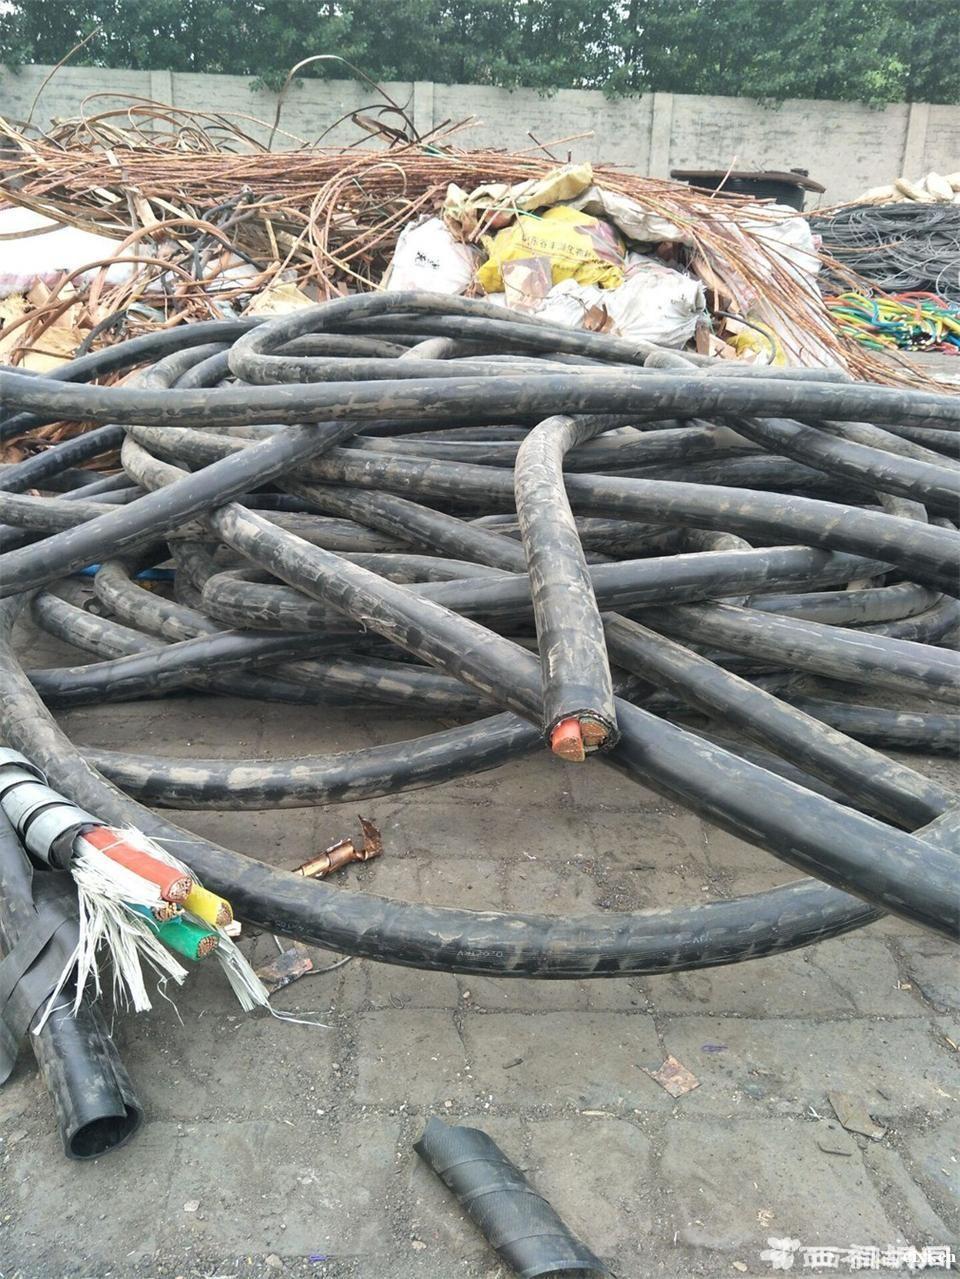 慈溪市高价回收铁铝铜电缆,废电缆线回收,电线回收